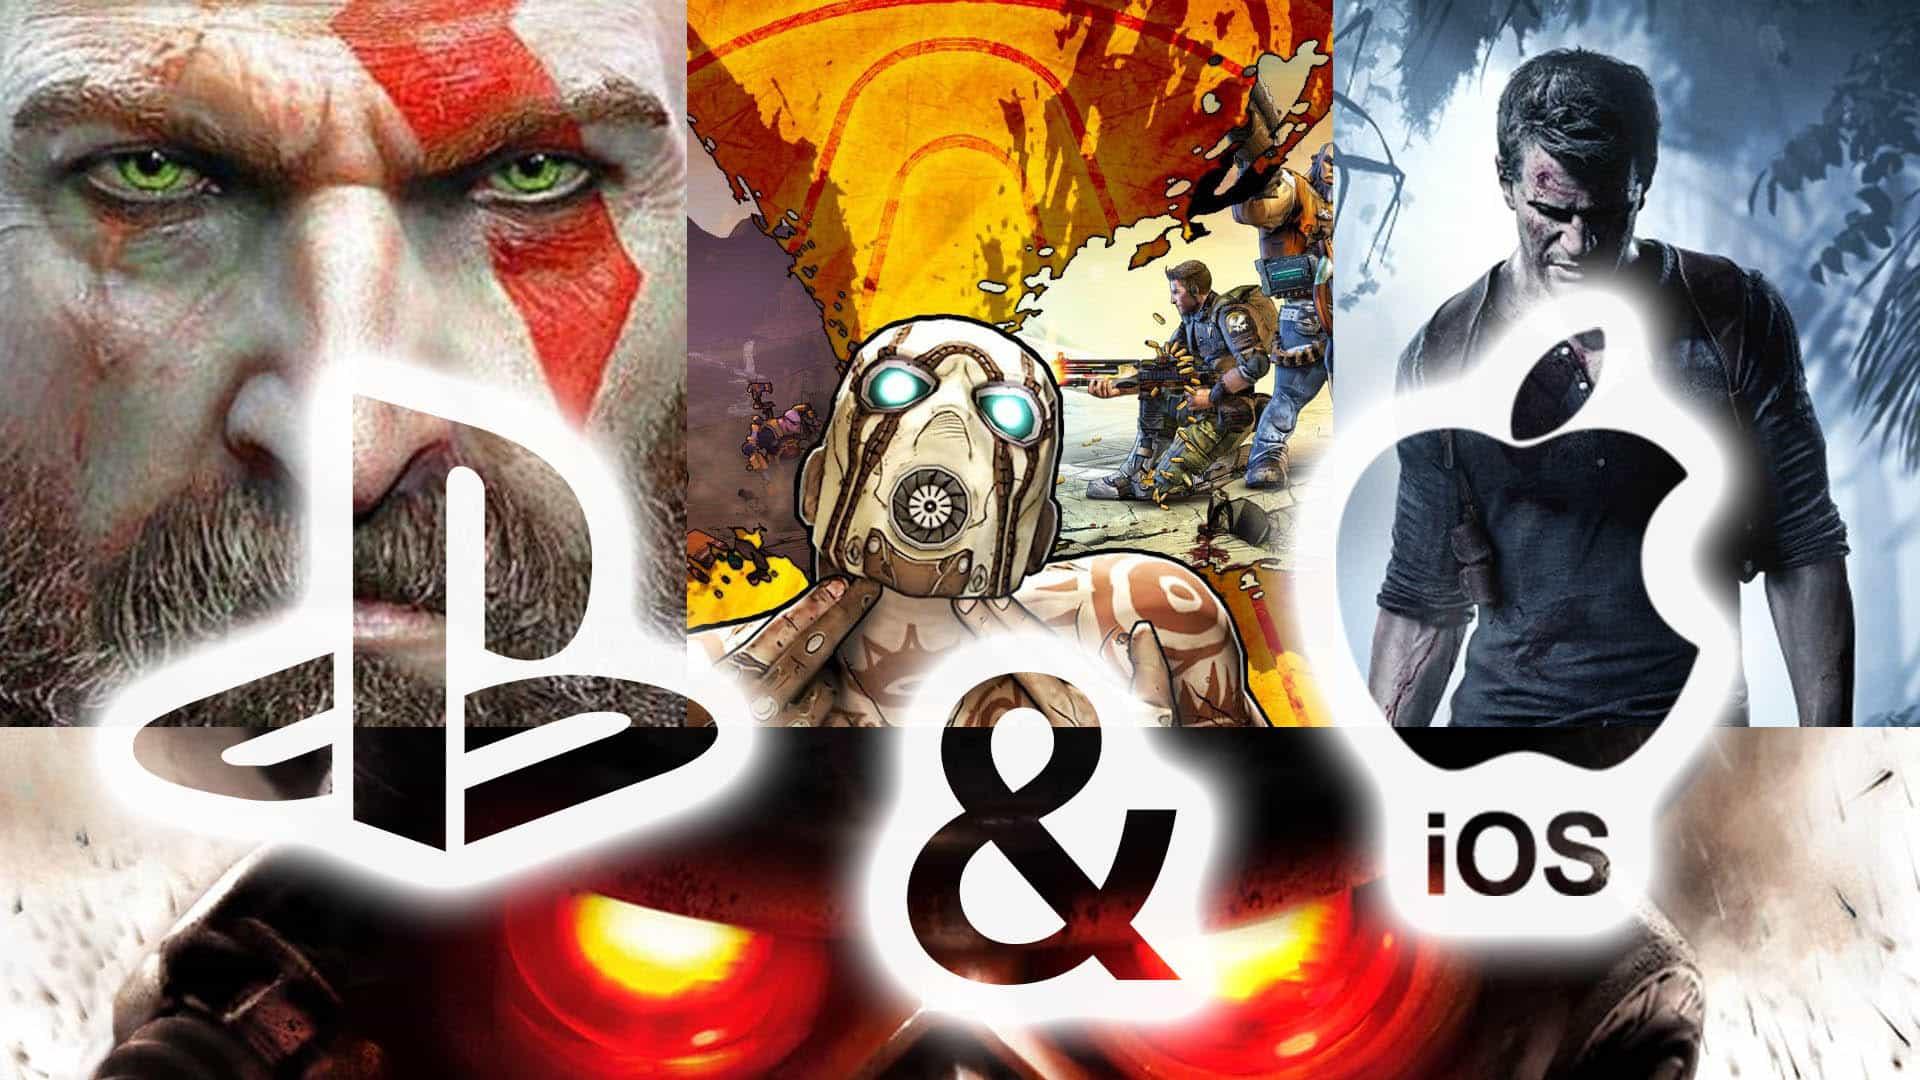 Playstation-Spiele für iOS